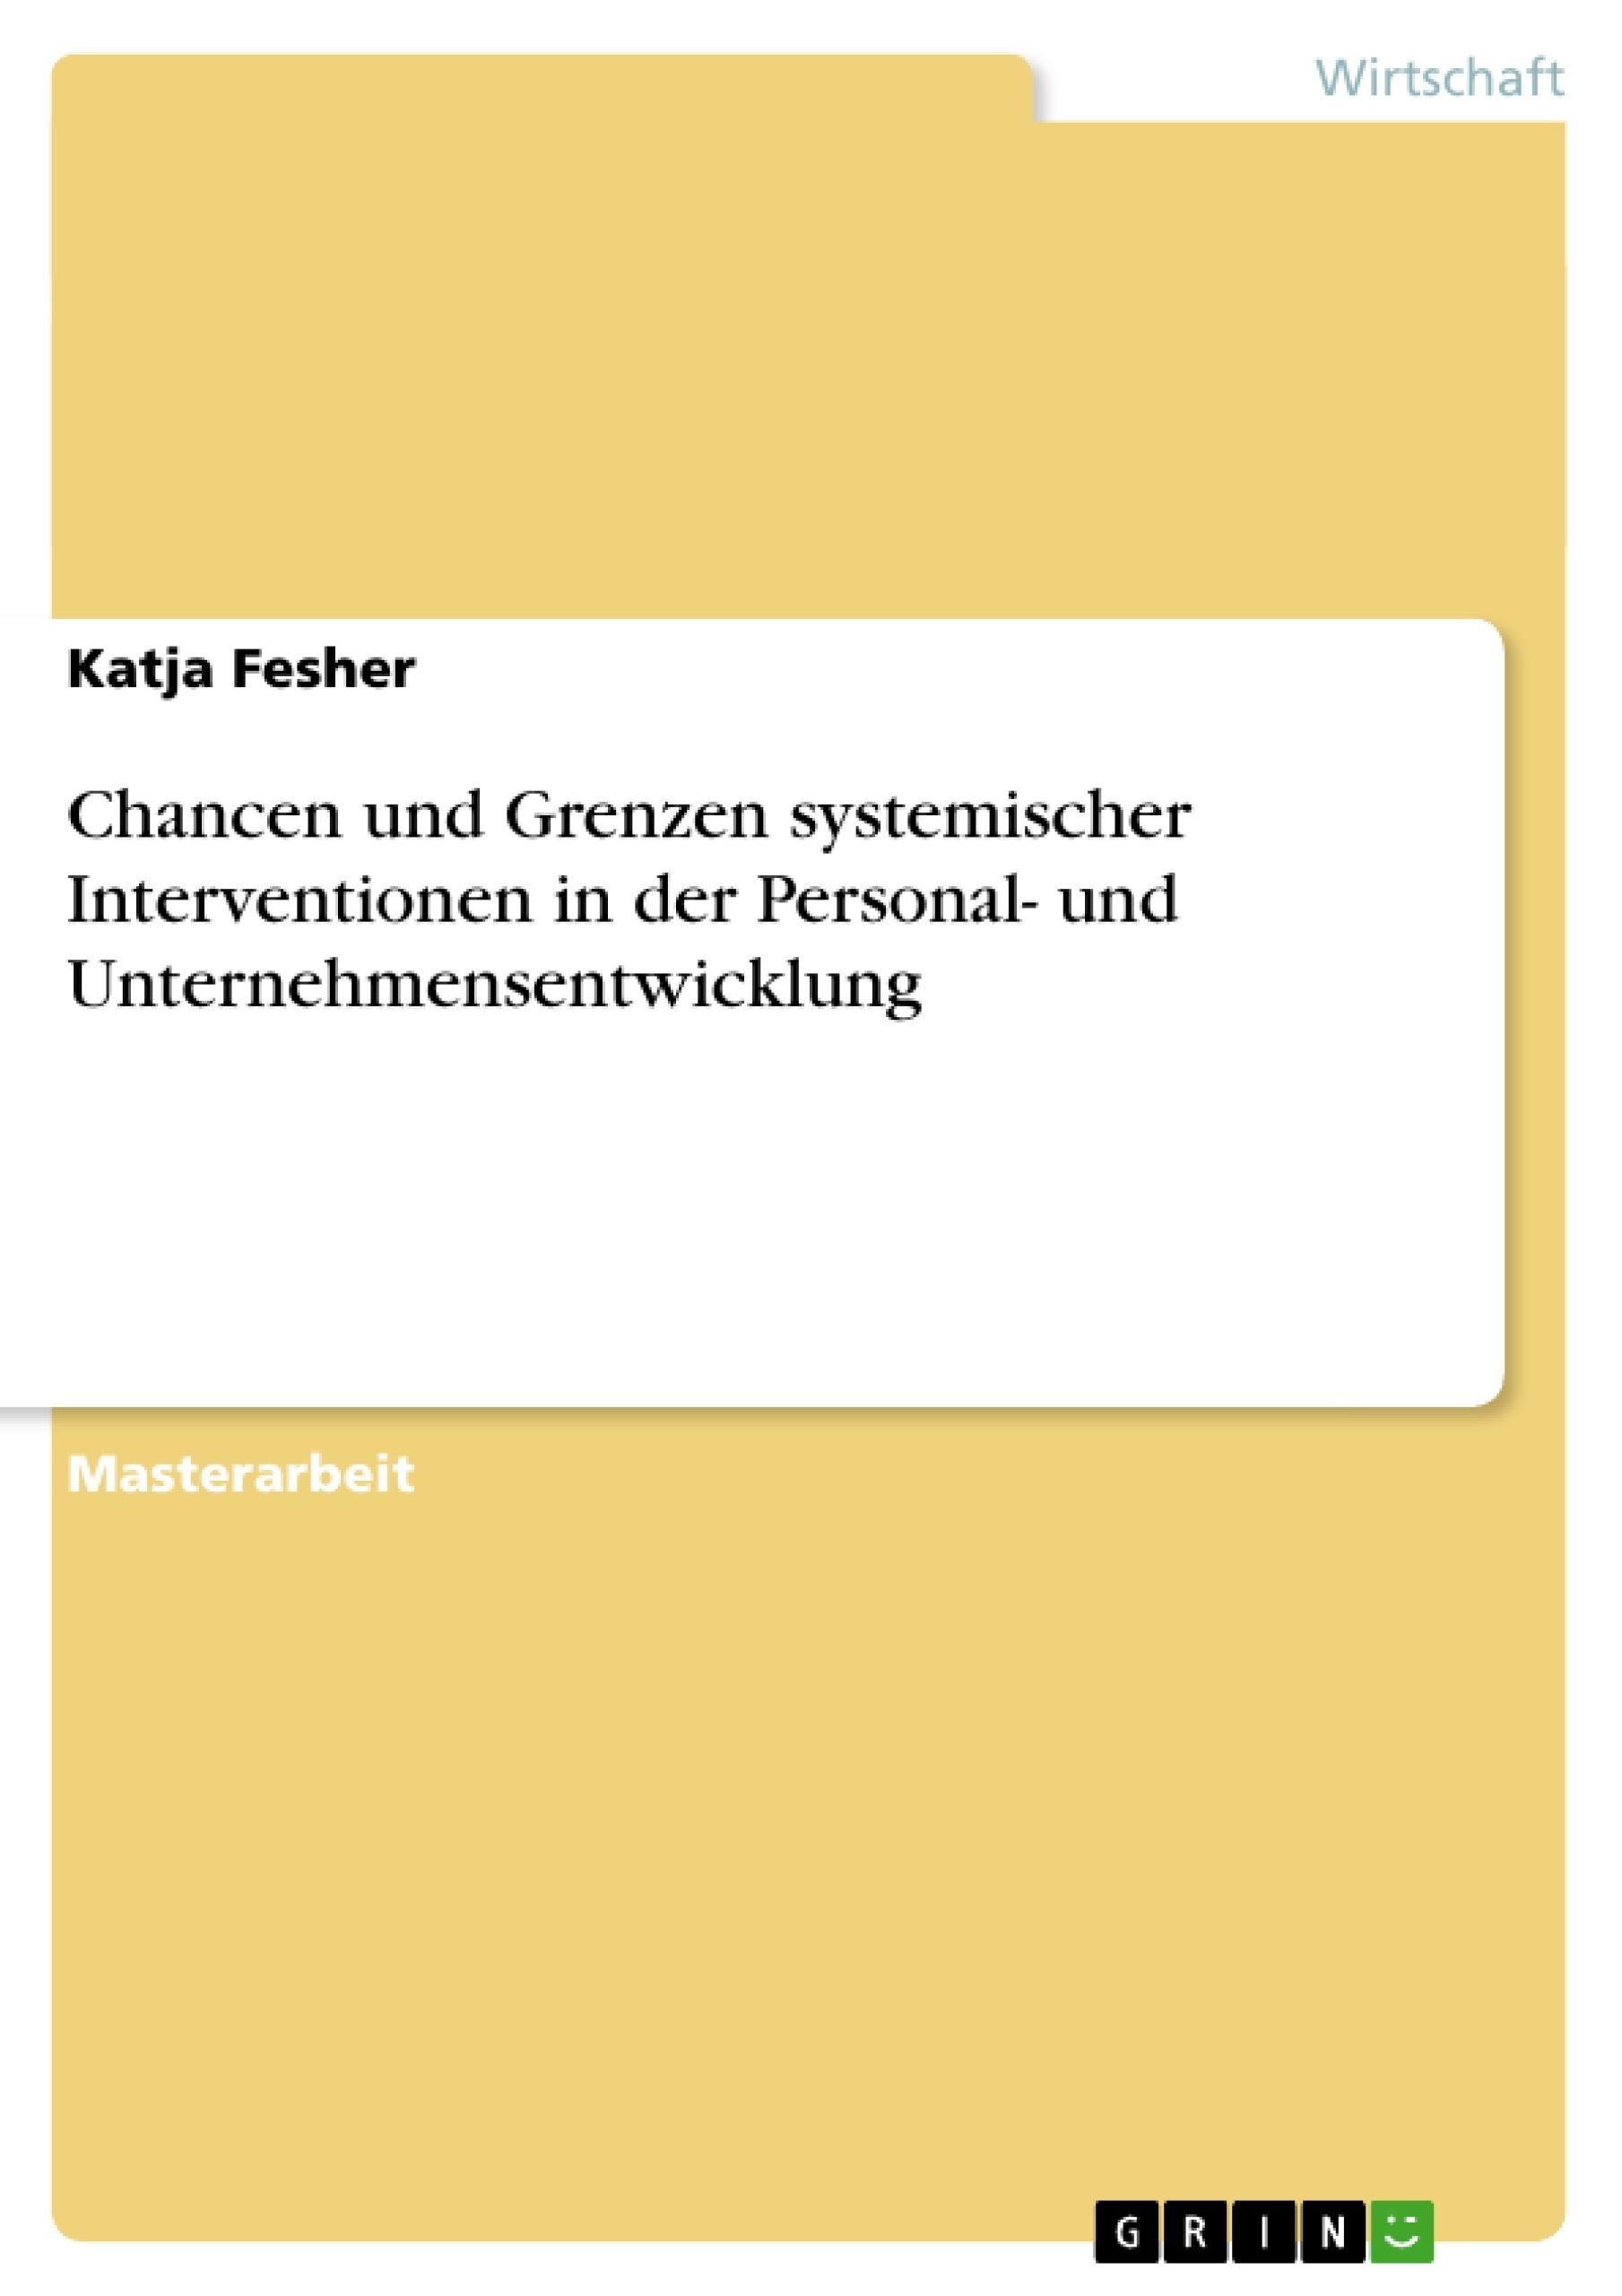 Titel: Chancen und Grenzen systemischer Interventionen in der Personal- und Unternehmensentwicklung